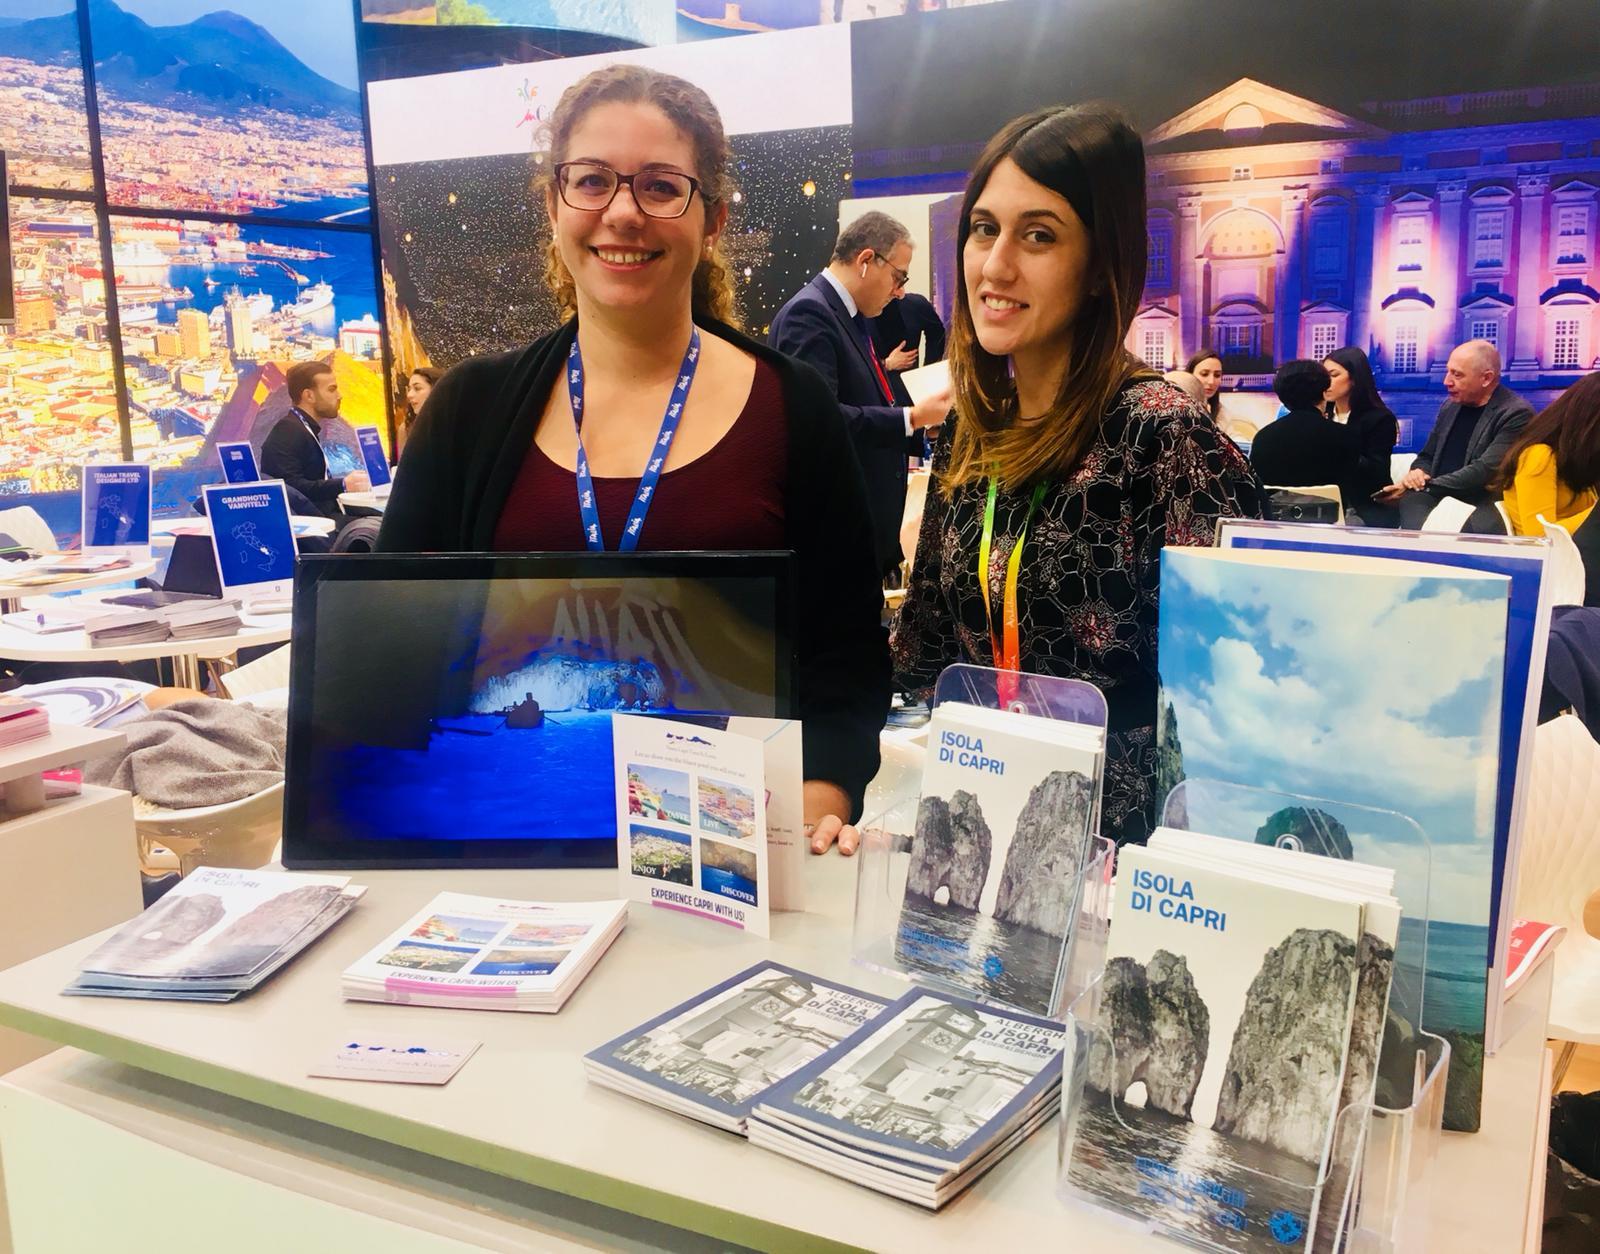 Capri Regina alla borsa del turismo in svolgimento a Madrid